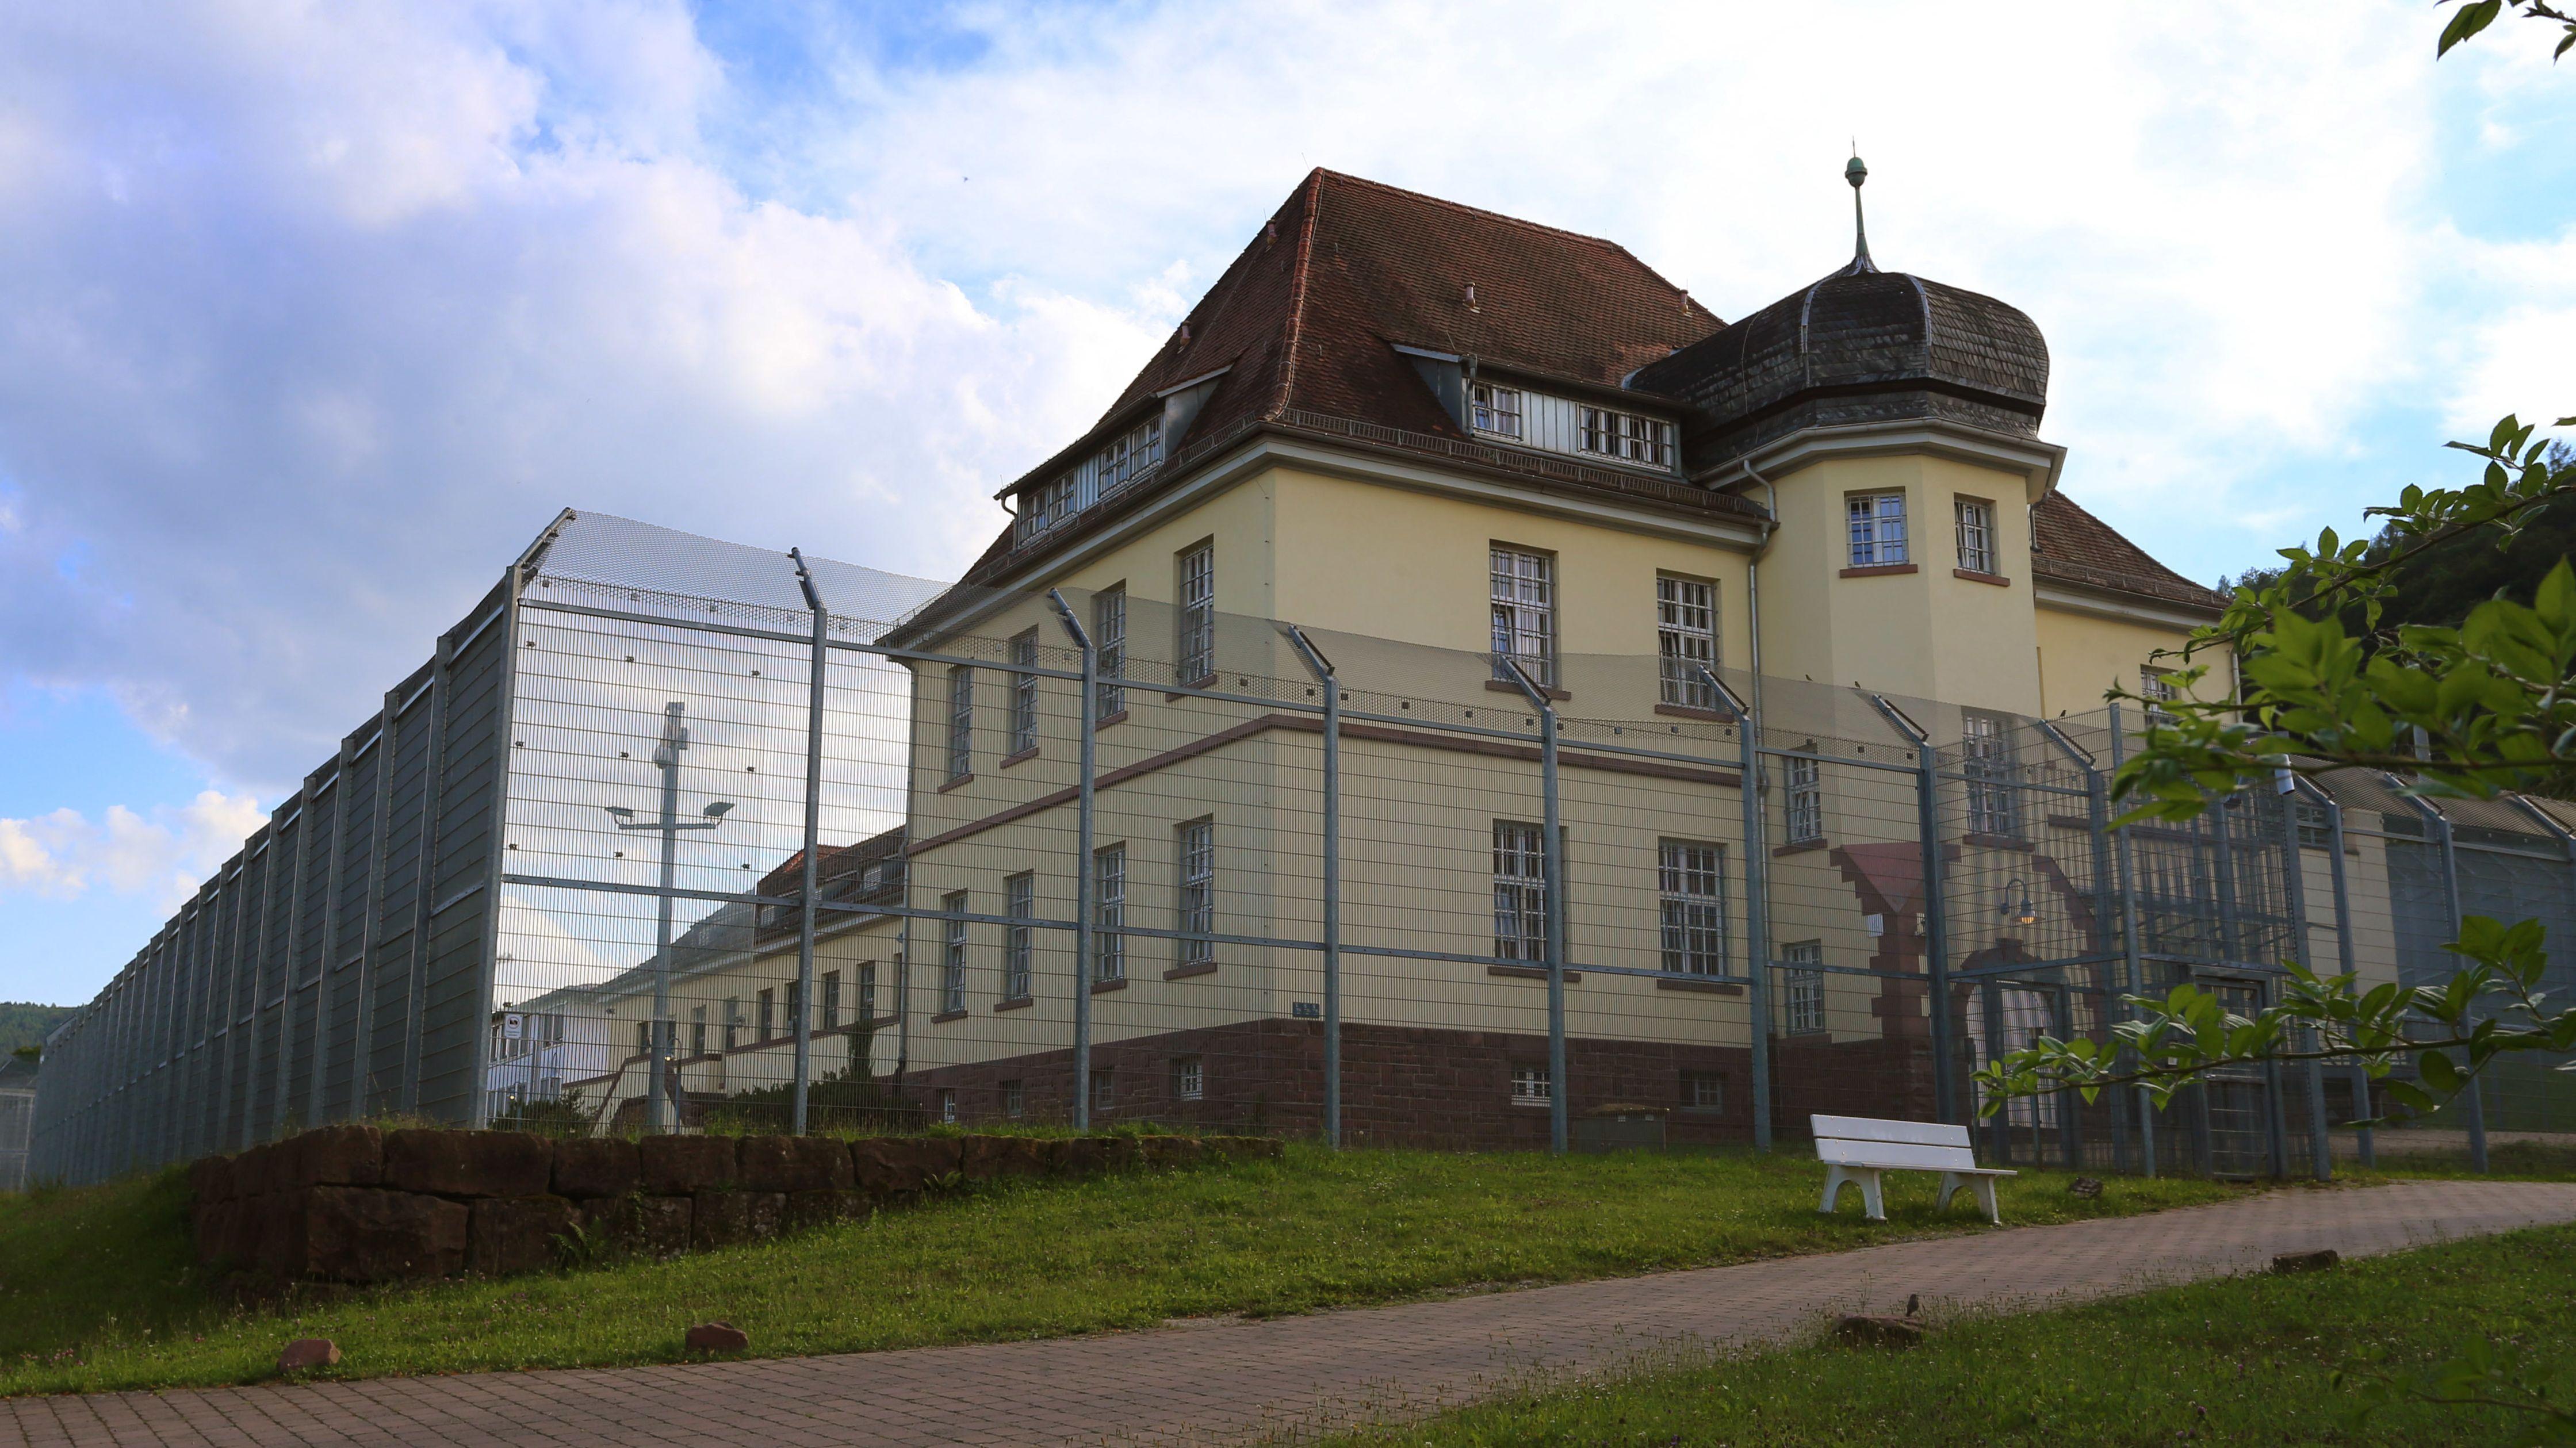 Bezirkskrankenhaus Lohr am Main